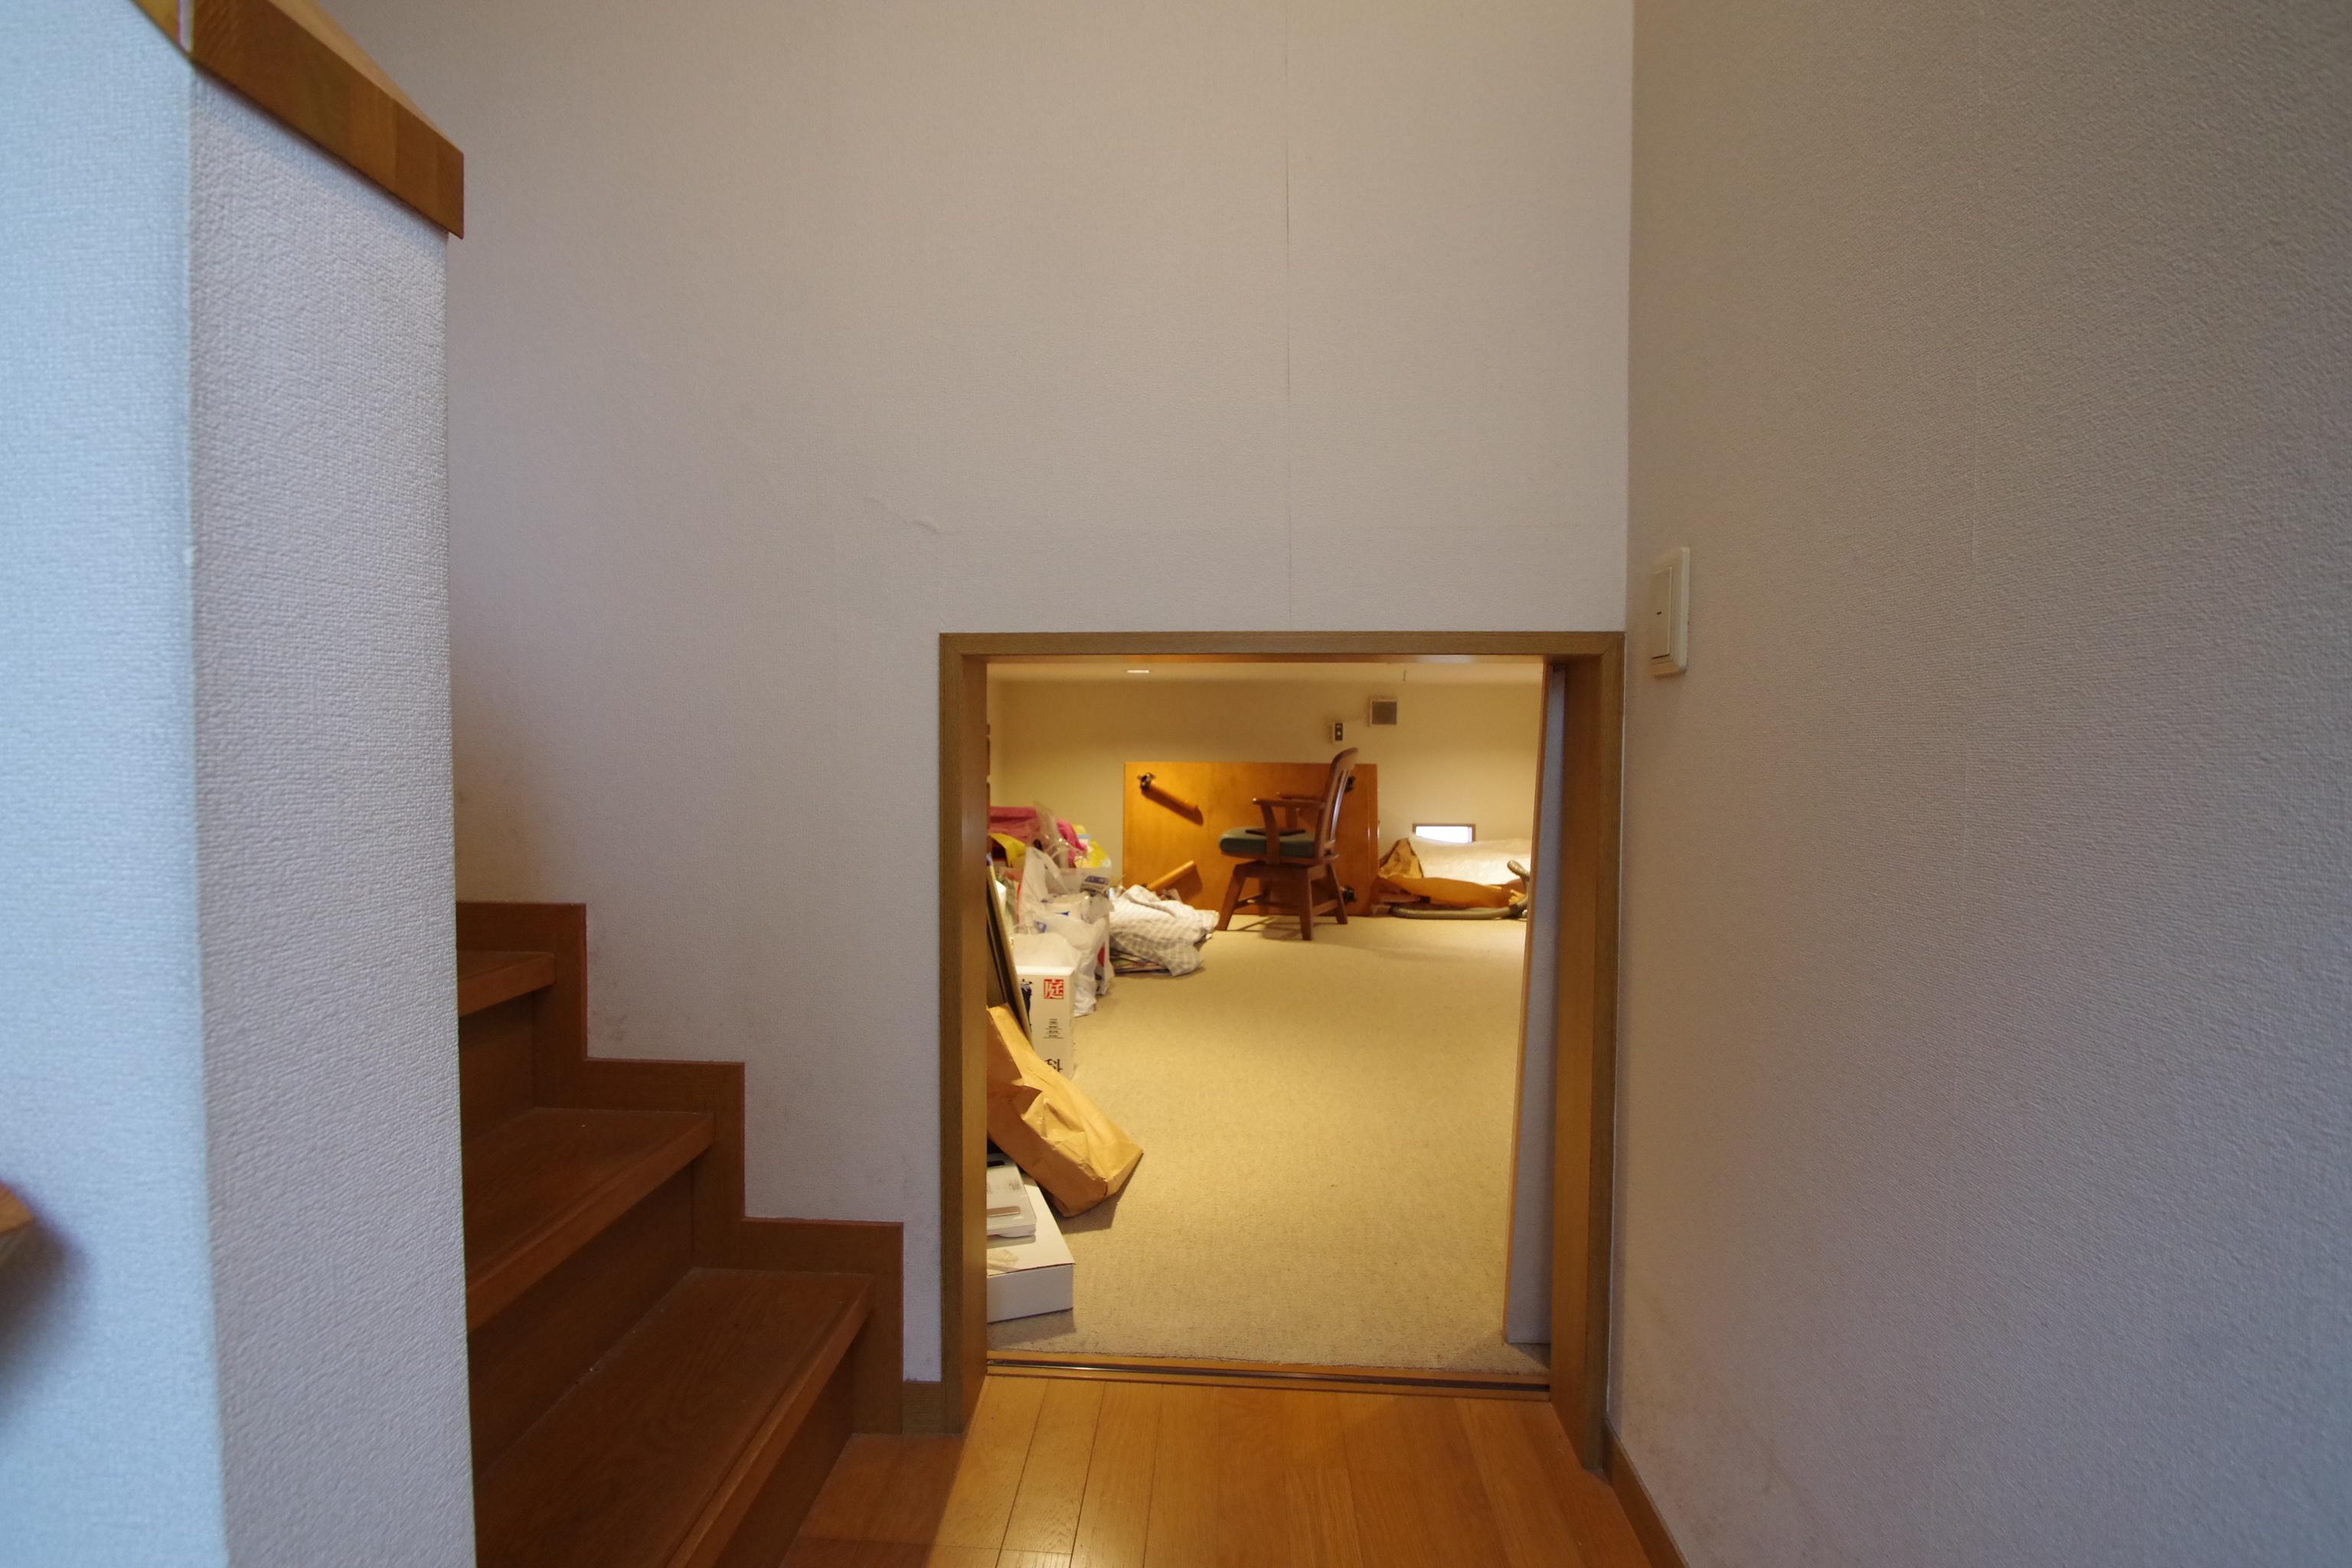 中古住宅富士市浅間上町中古住宅《蔵のある家》|富士市 ...